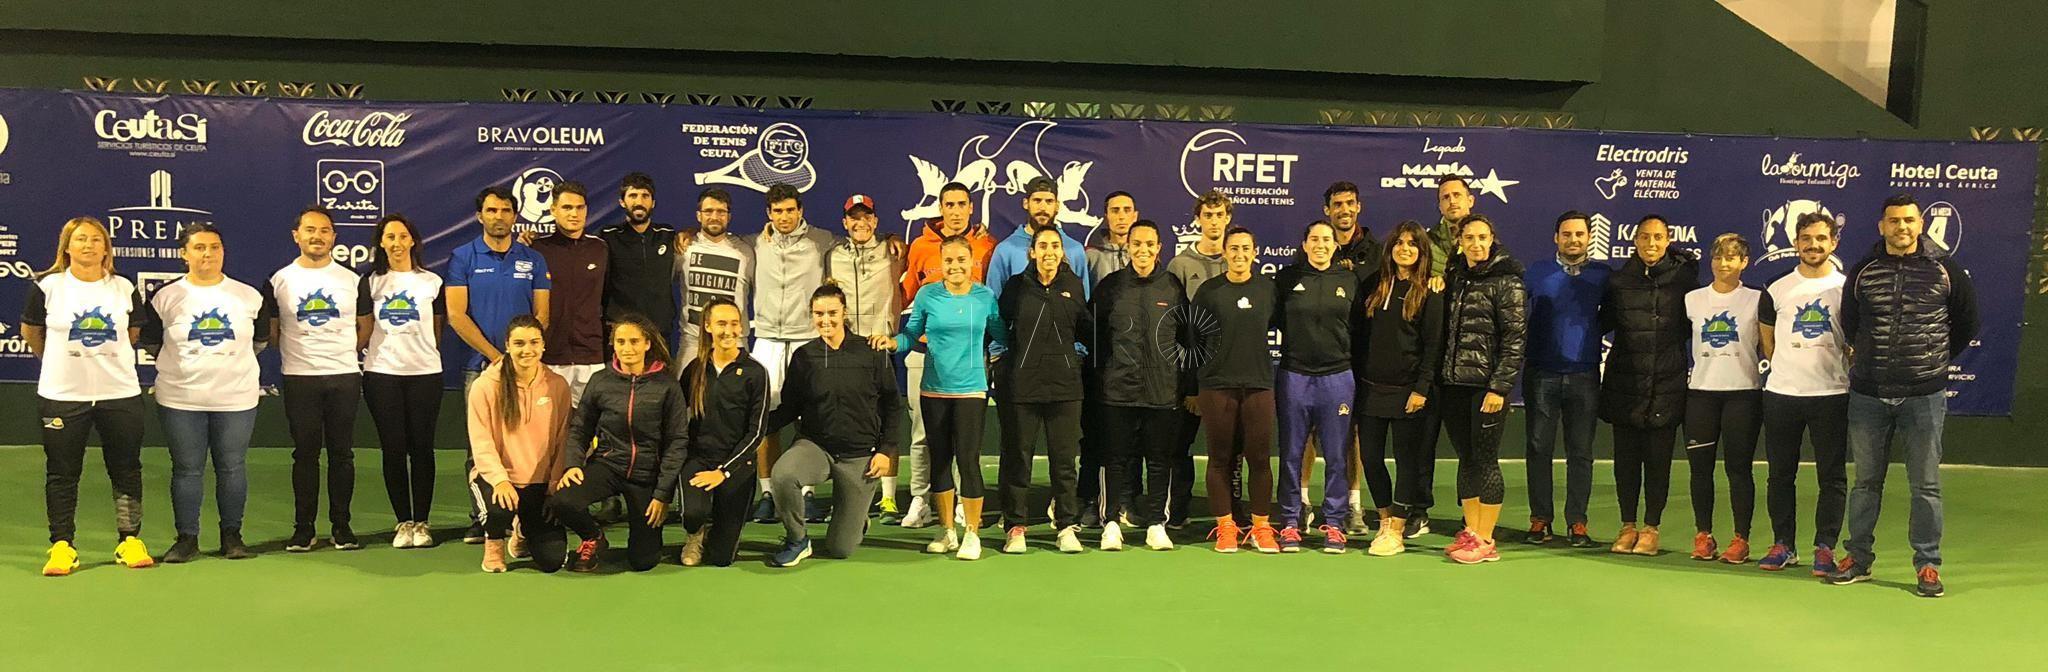 tenis-ibp